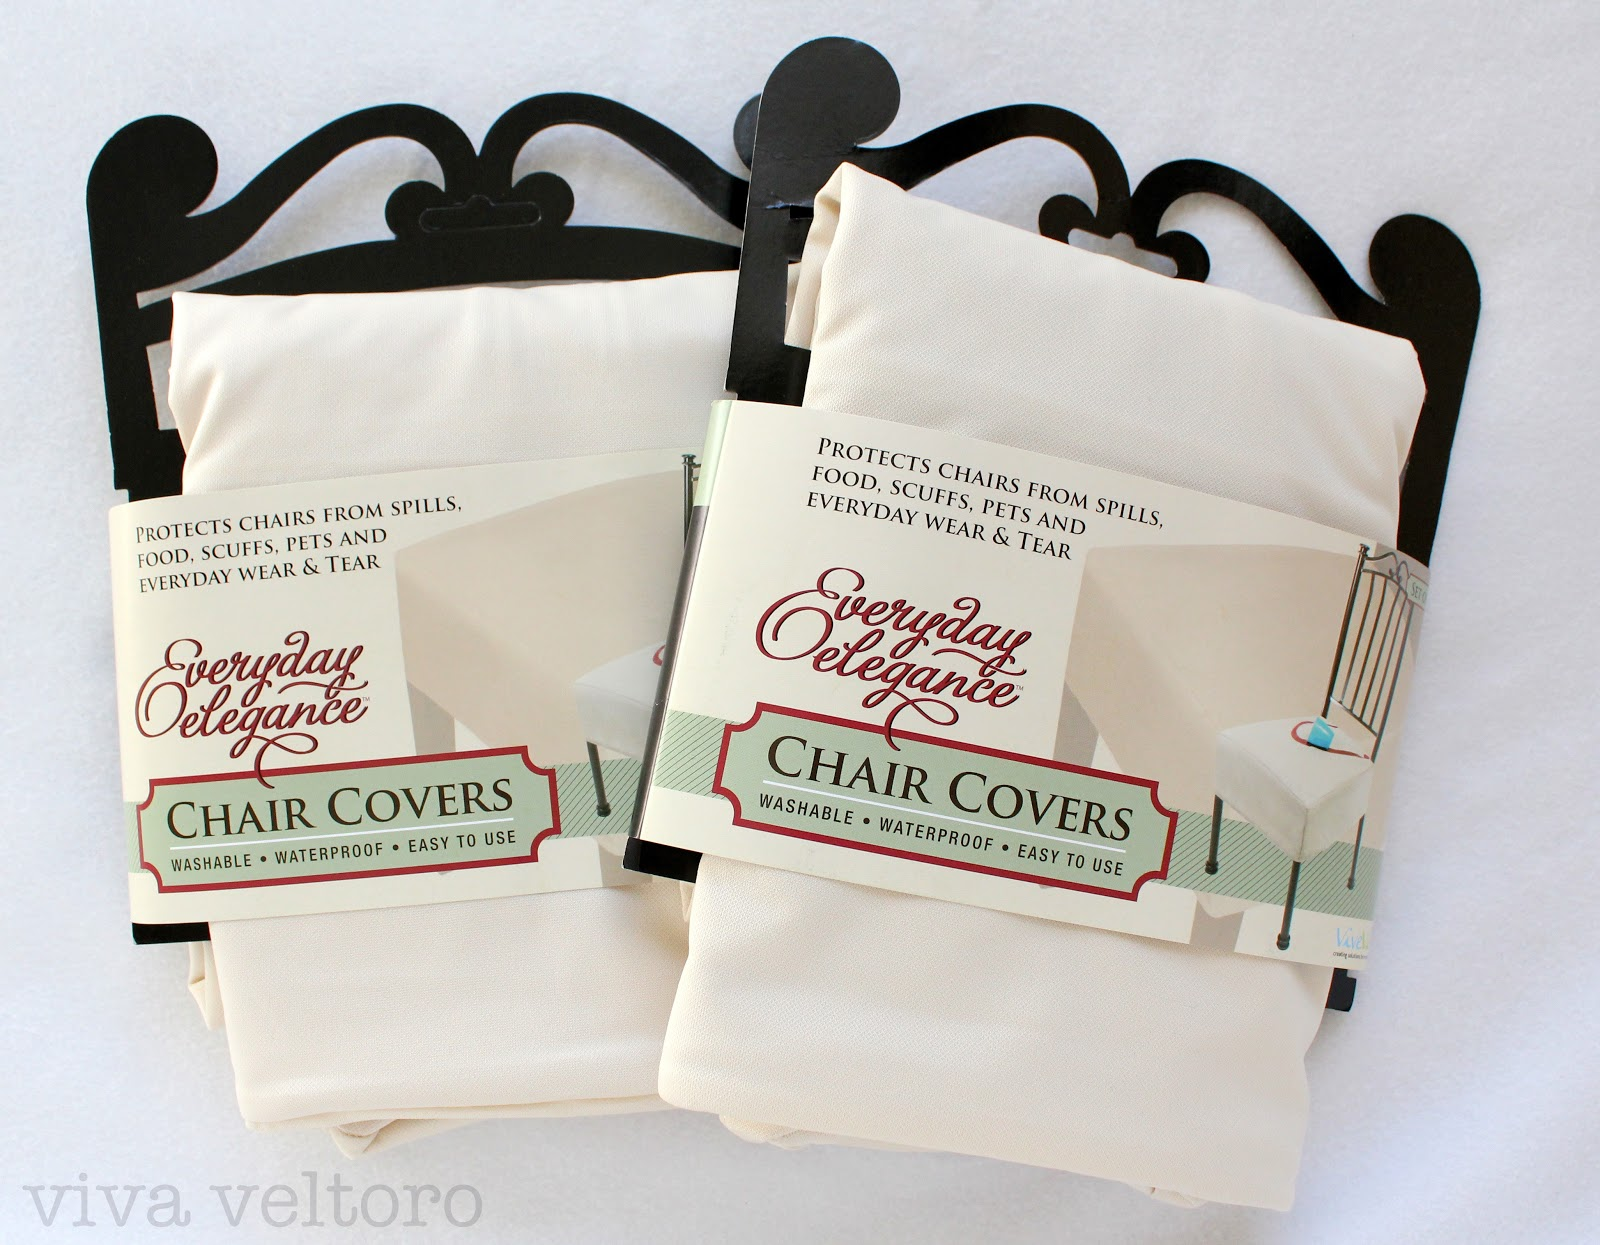 Chair Cover Elegance Floor Mat For Under High Vive Vita Everyday Covers Review Viva Veltoro